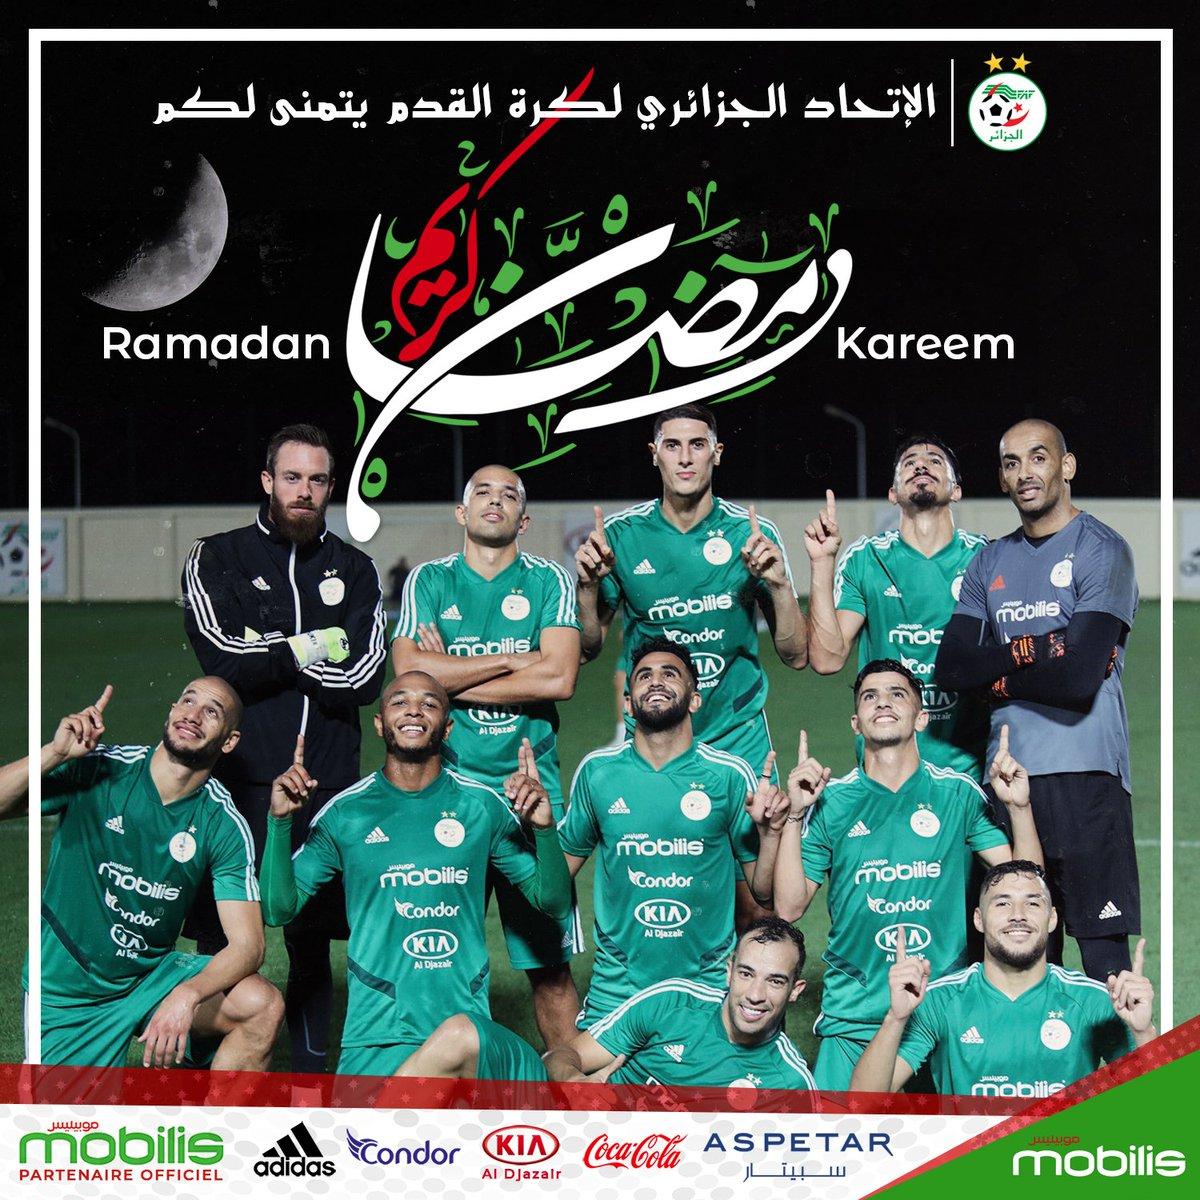 الإتحاد الجزائري لكرة القدم يتمنى لكم  #رمضان_كريم وكل عام وأنتم بخير  #LesVerts⭐⭐ #TeamDZ #LesFennecs #123VivaLAlgerie🇩🇿 https://t.co/c72Ijpcnba